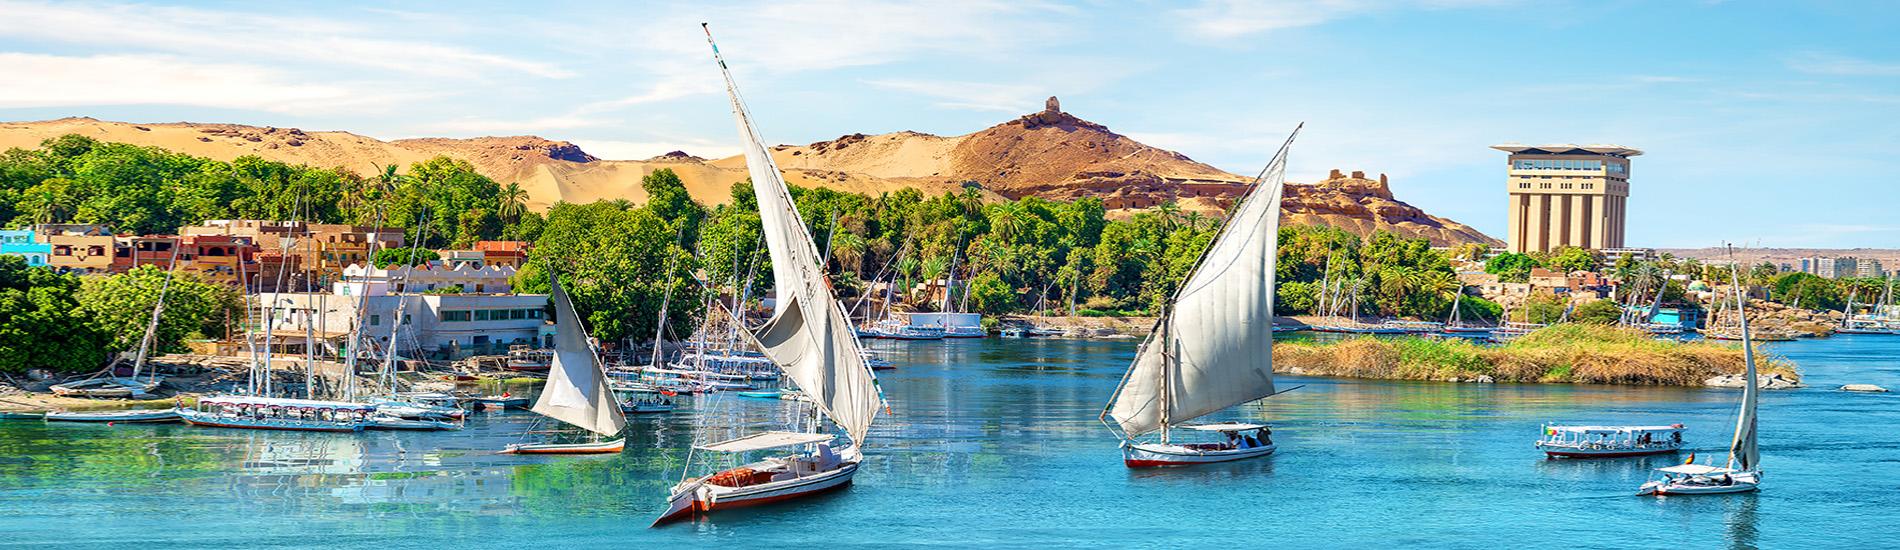 尼羅河三角帆船